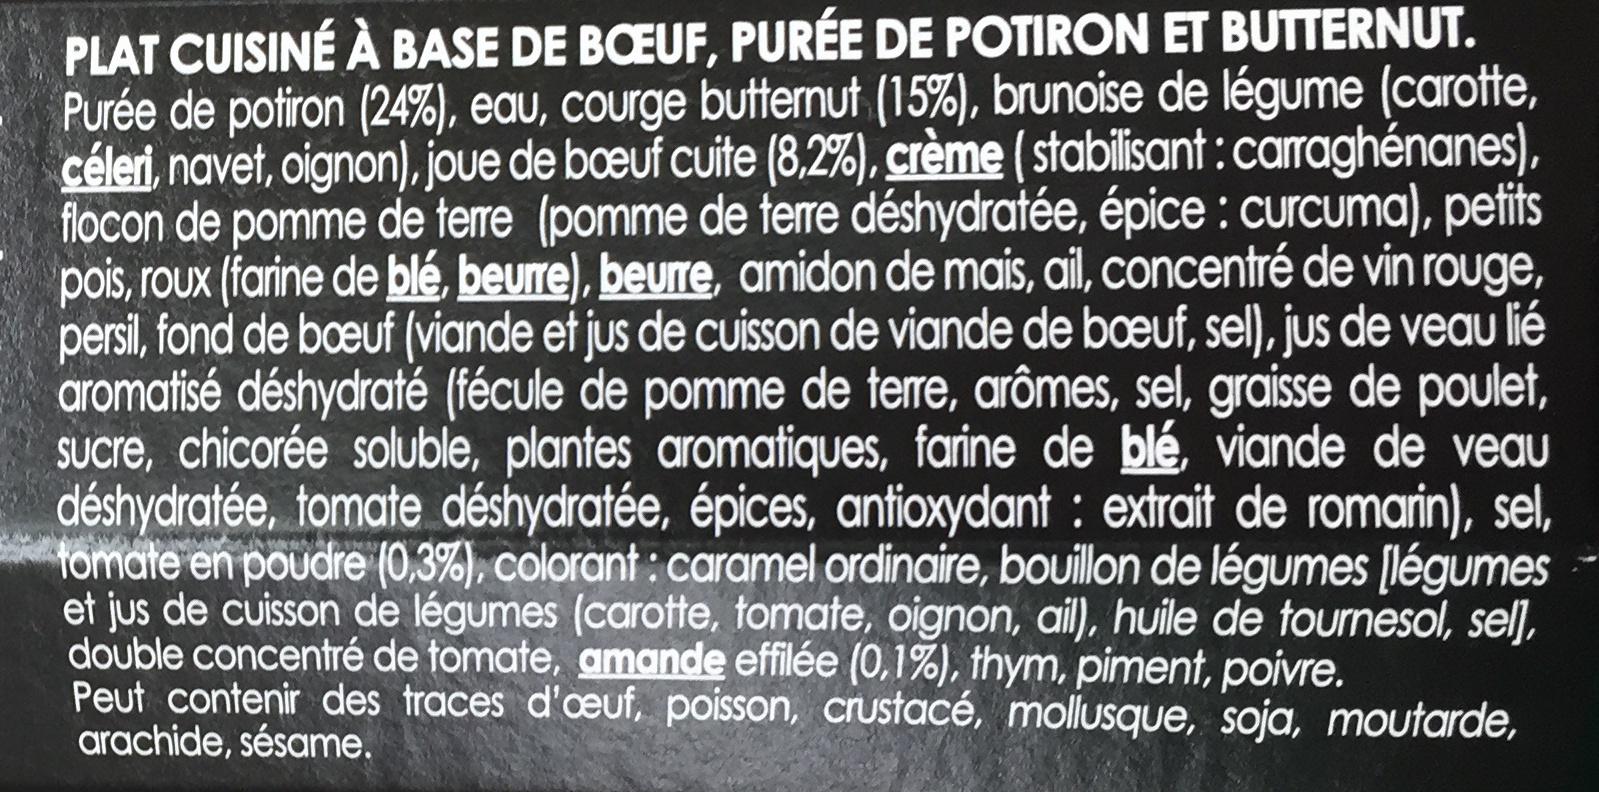 Parmentier de Bœuf (À la mousseline de potiron butternut parsemée d'amandes effilées) - Ingrédients - fr